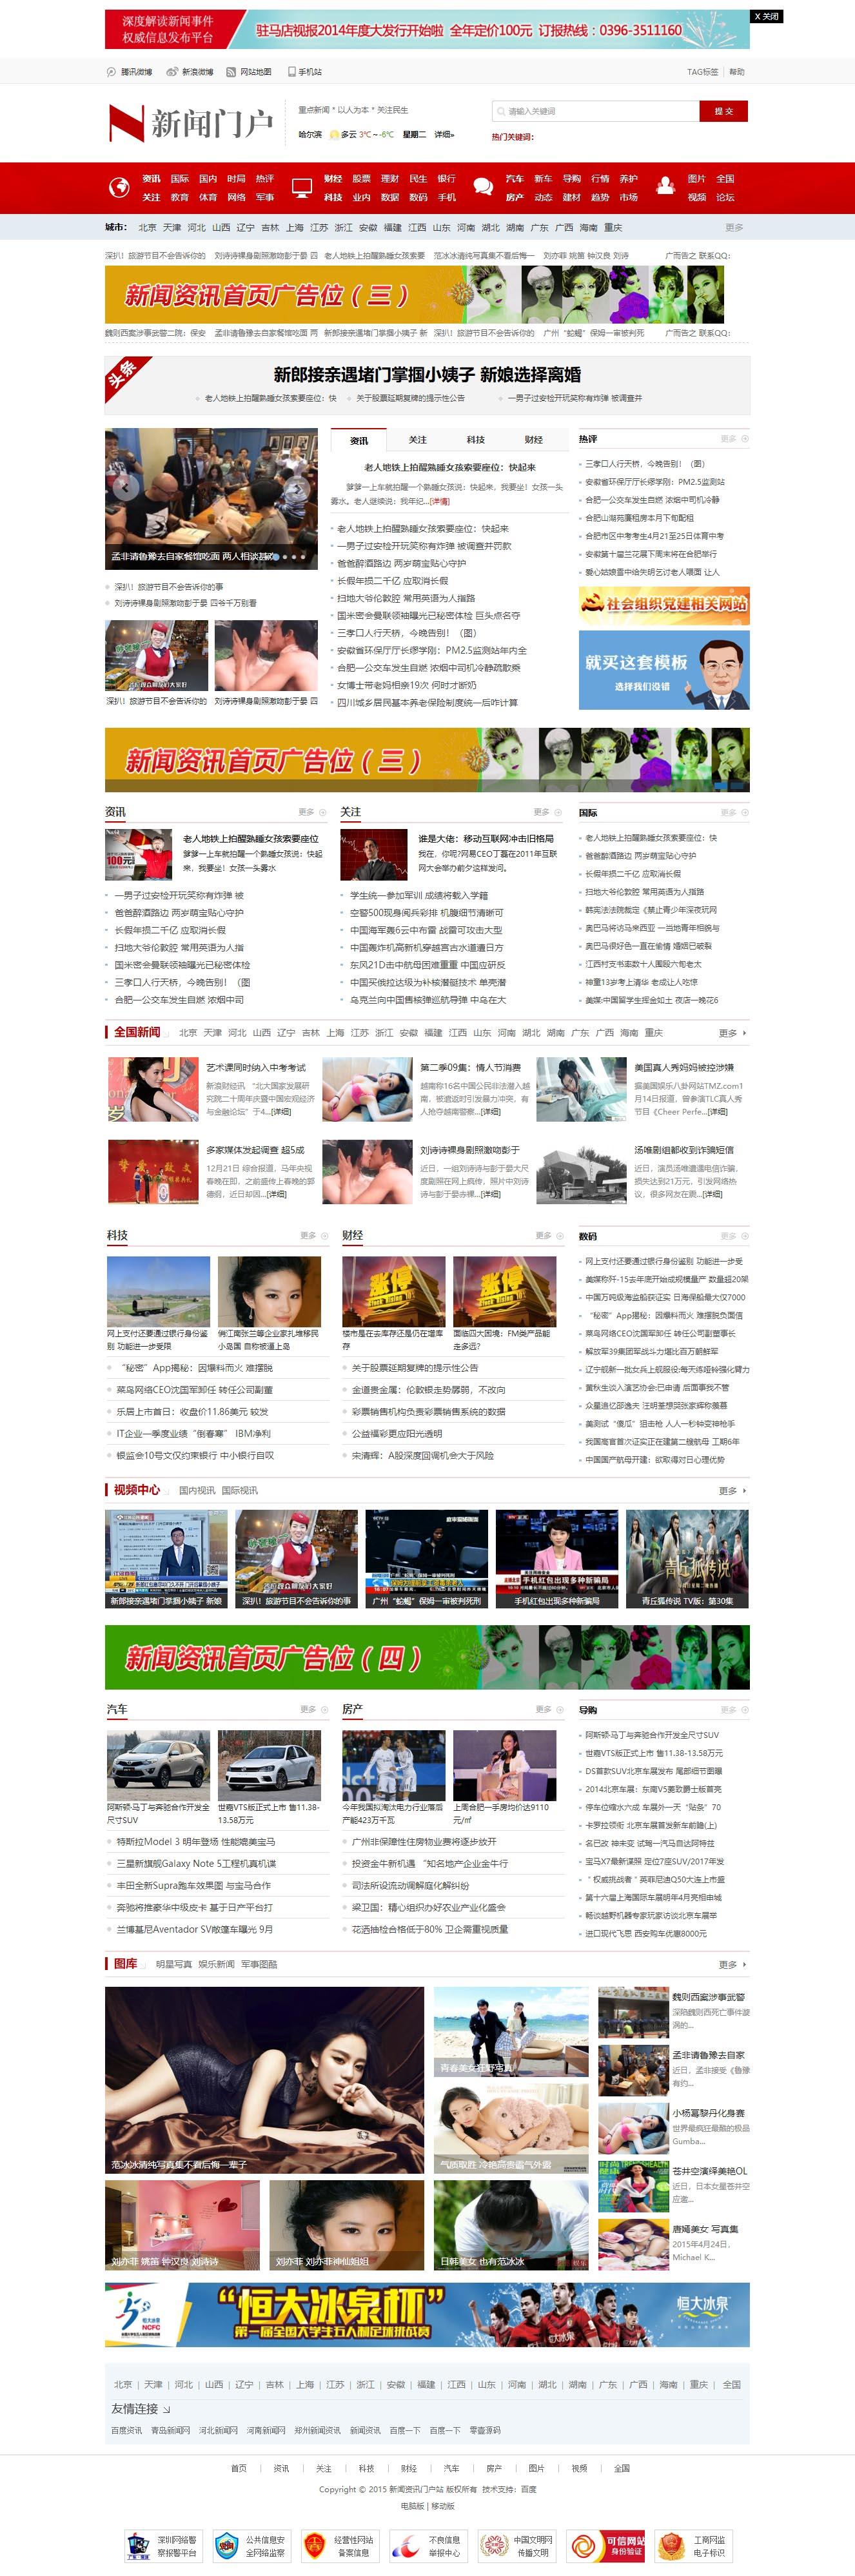 新闻在线博客地方门户资讯类网站织梦dedecms模板(带手机端)